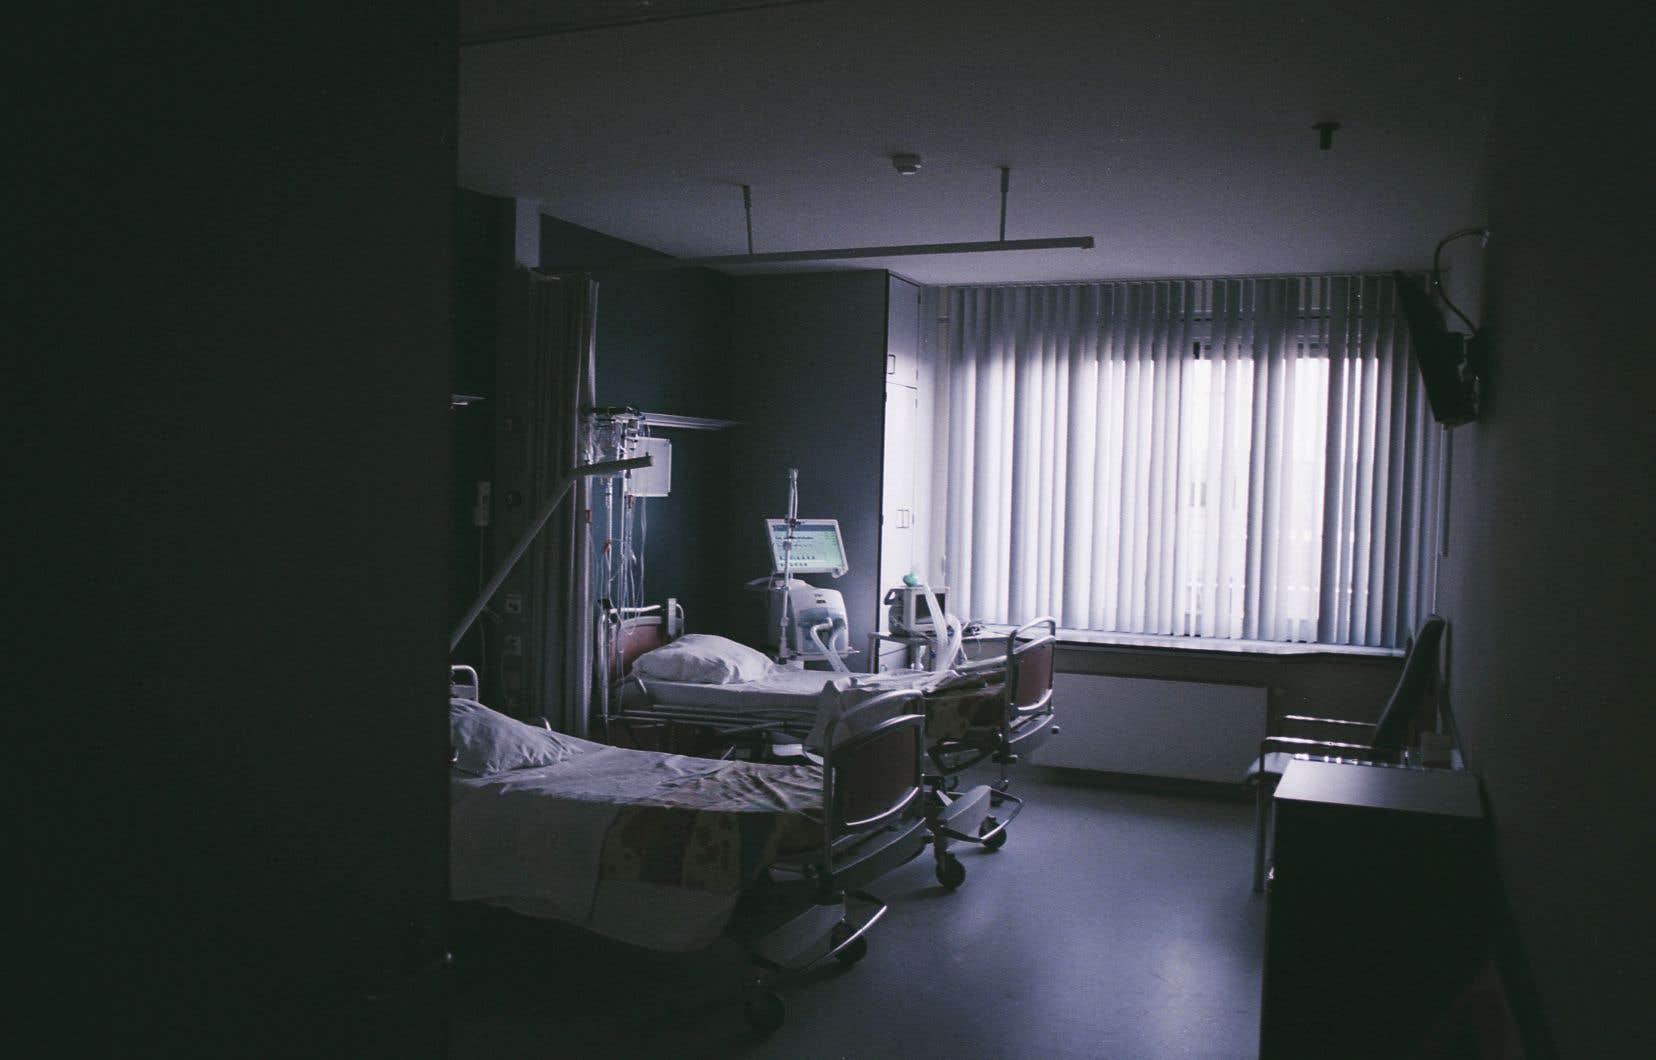 La loi 10, adoptée en 2015, a lancé une réorganisation de la gouvernance dans le système de santé avec la fusion d'administrations et la centralisation de pouvoirs.